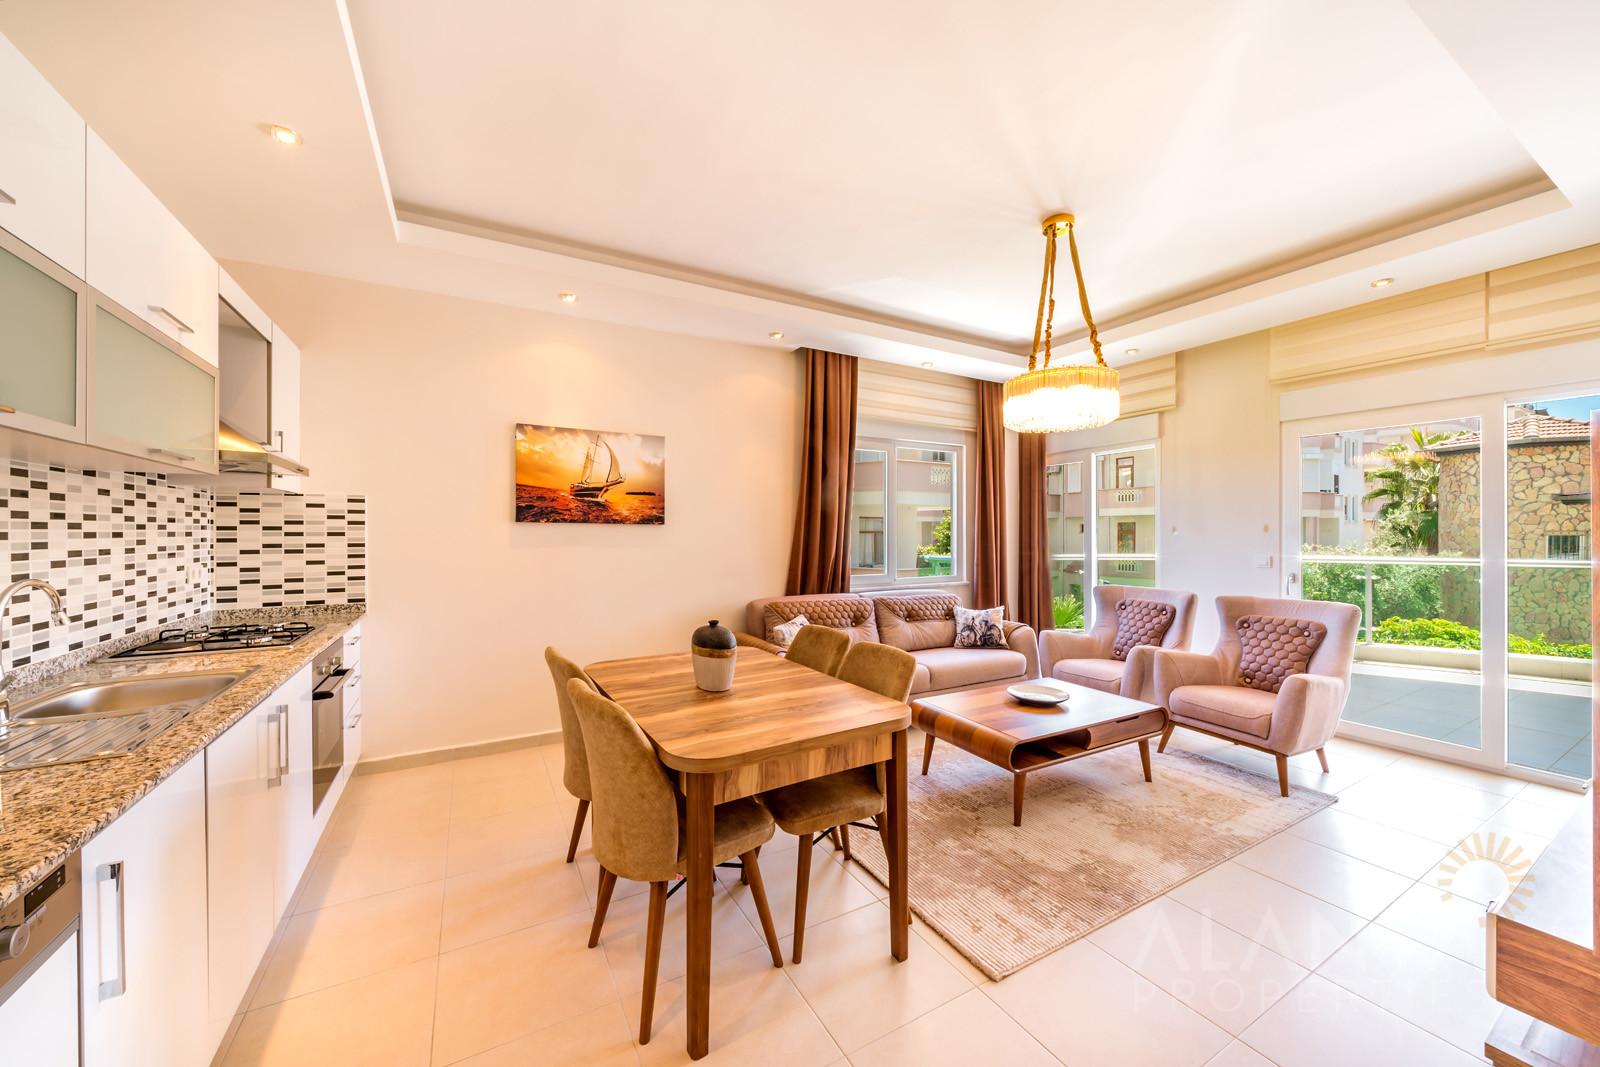 Emerald Towers - appartement meublé - 2 chambres - avec balcon et terrasse à Avsallar, Alanya